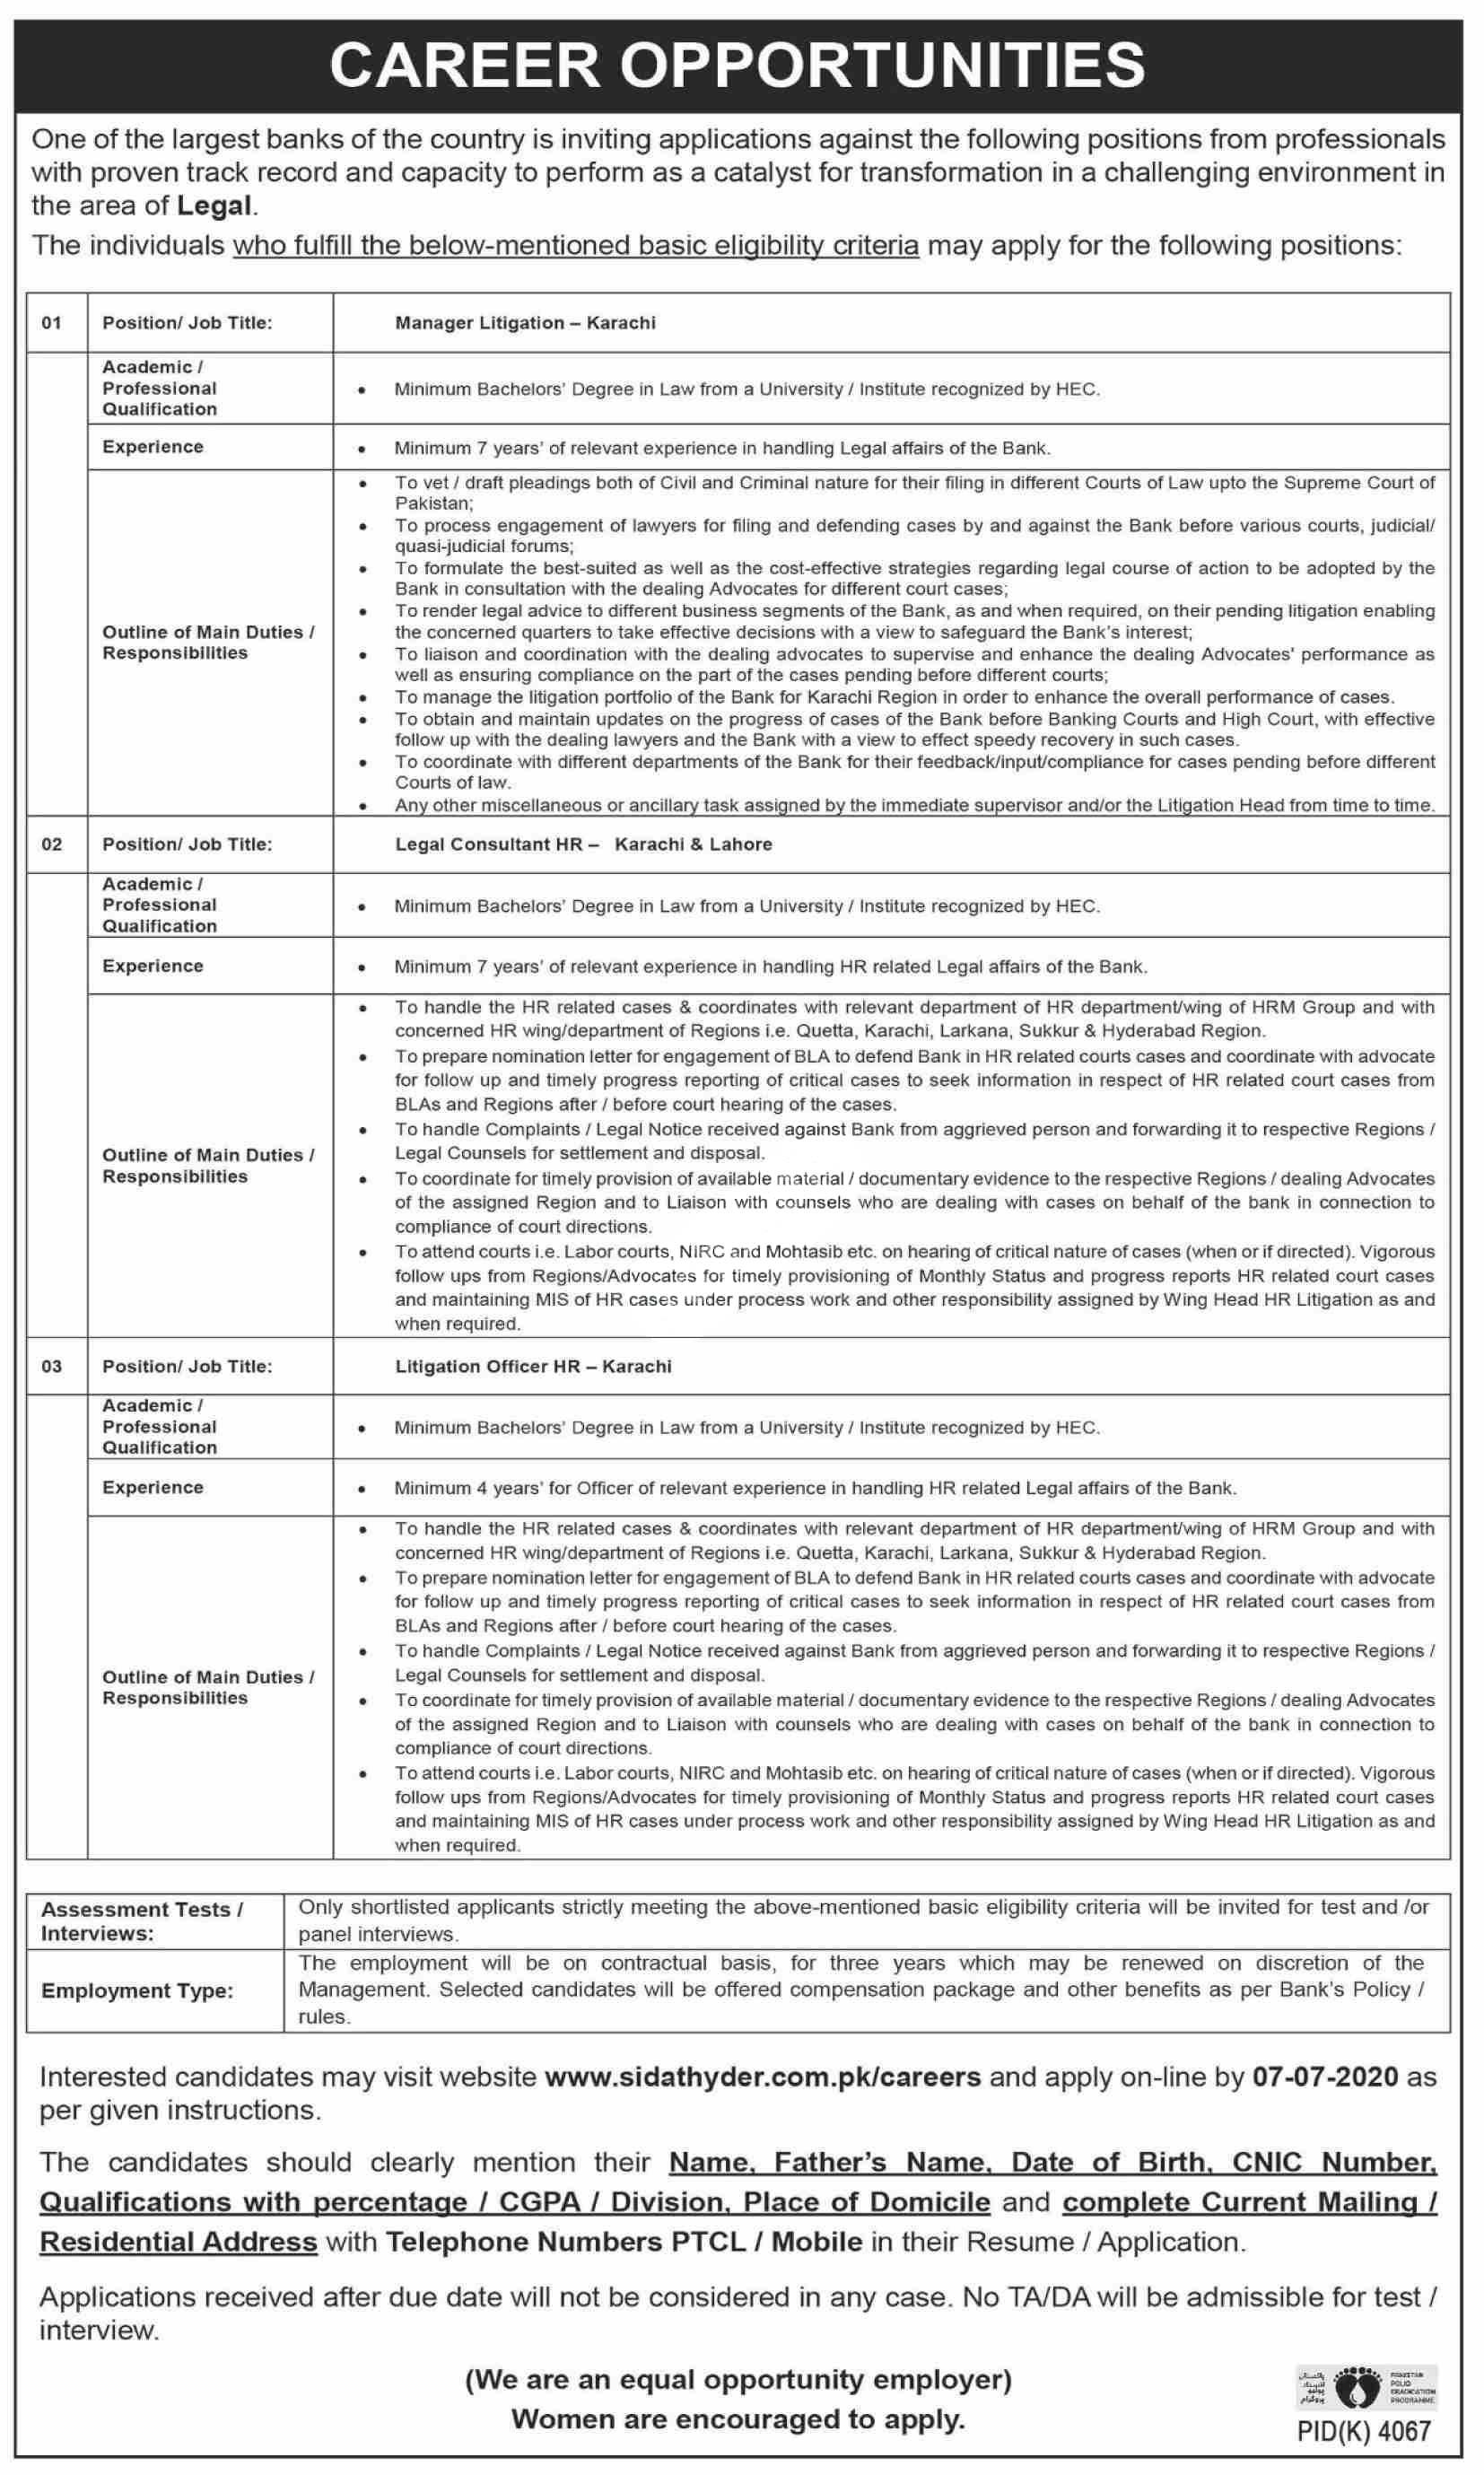 Sidat Hyder Morshed Associates Karachi Jobs 2020 Manager Litigation & Legal Consultant Hr Latest